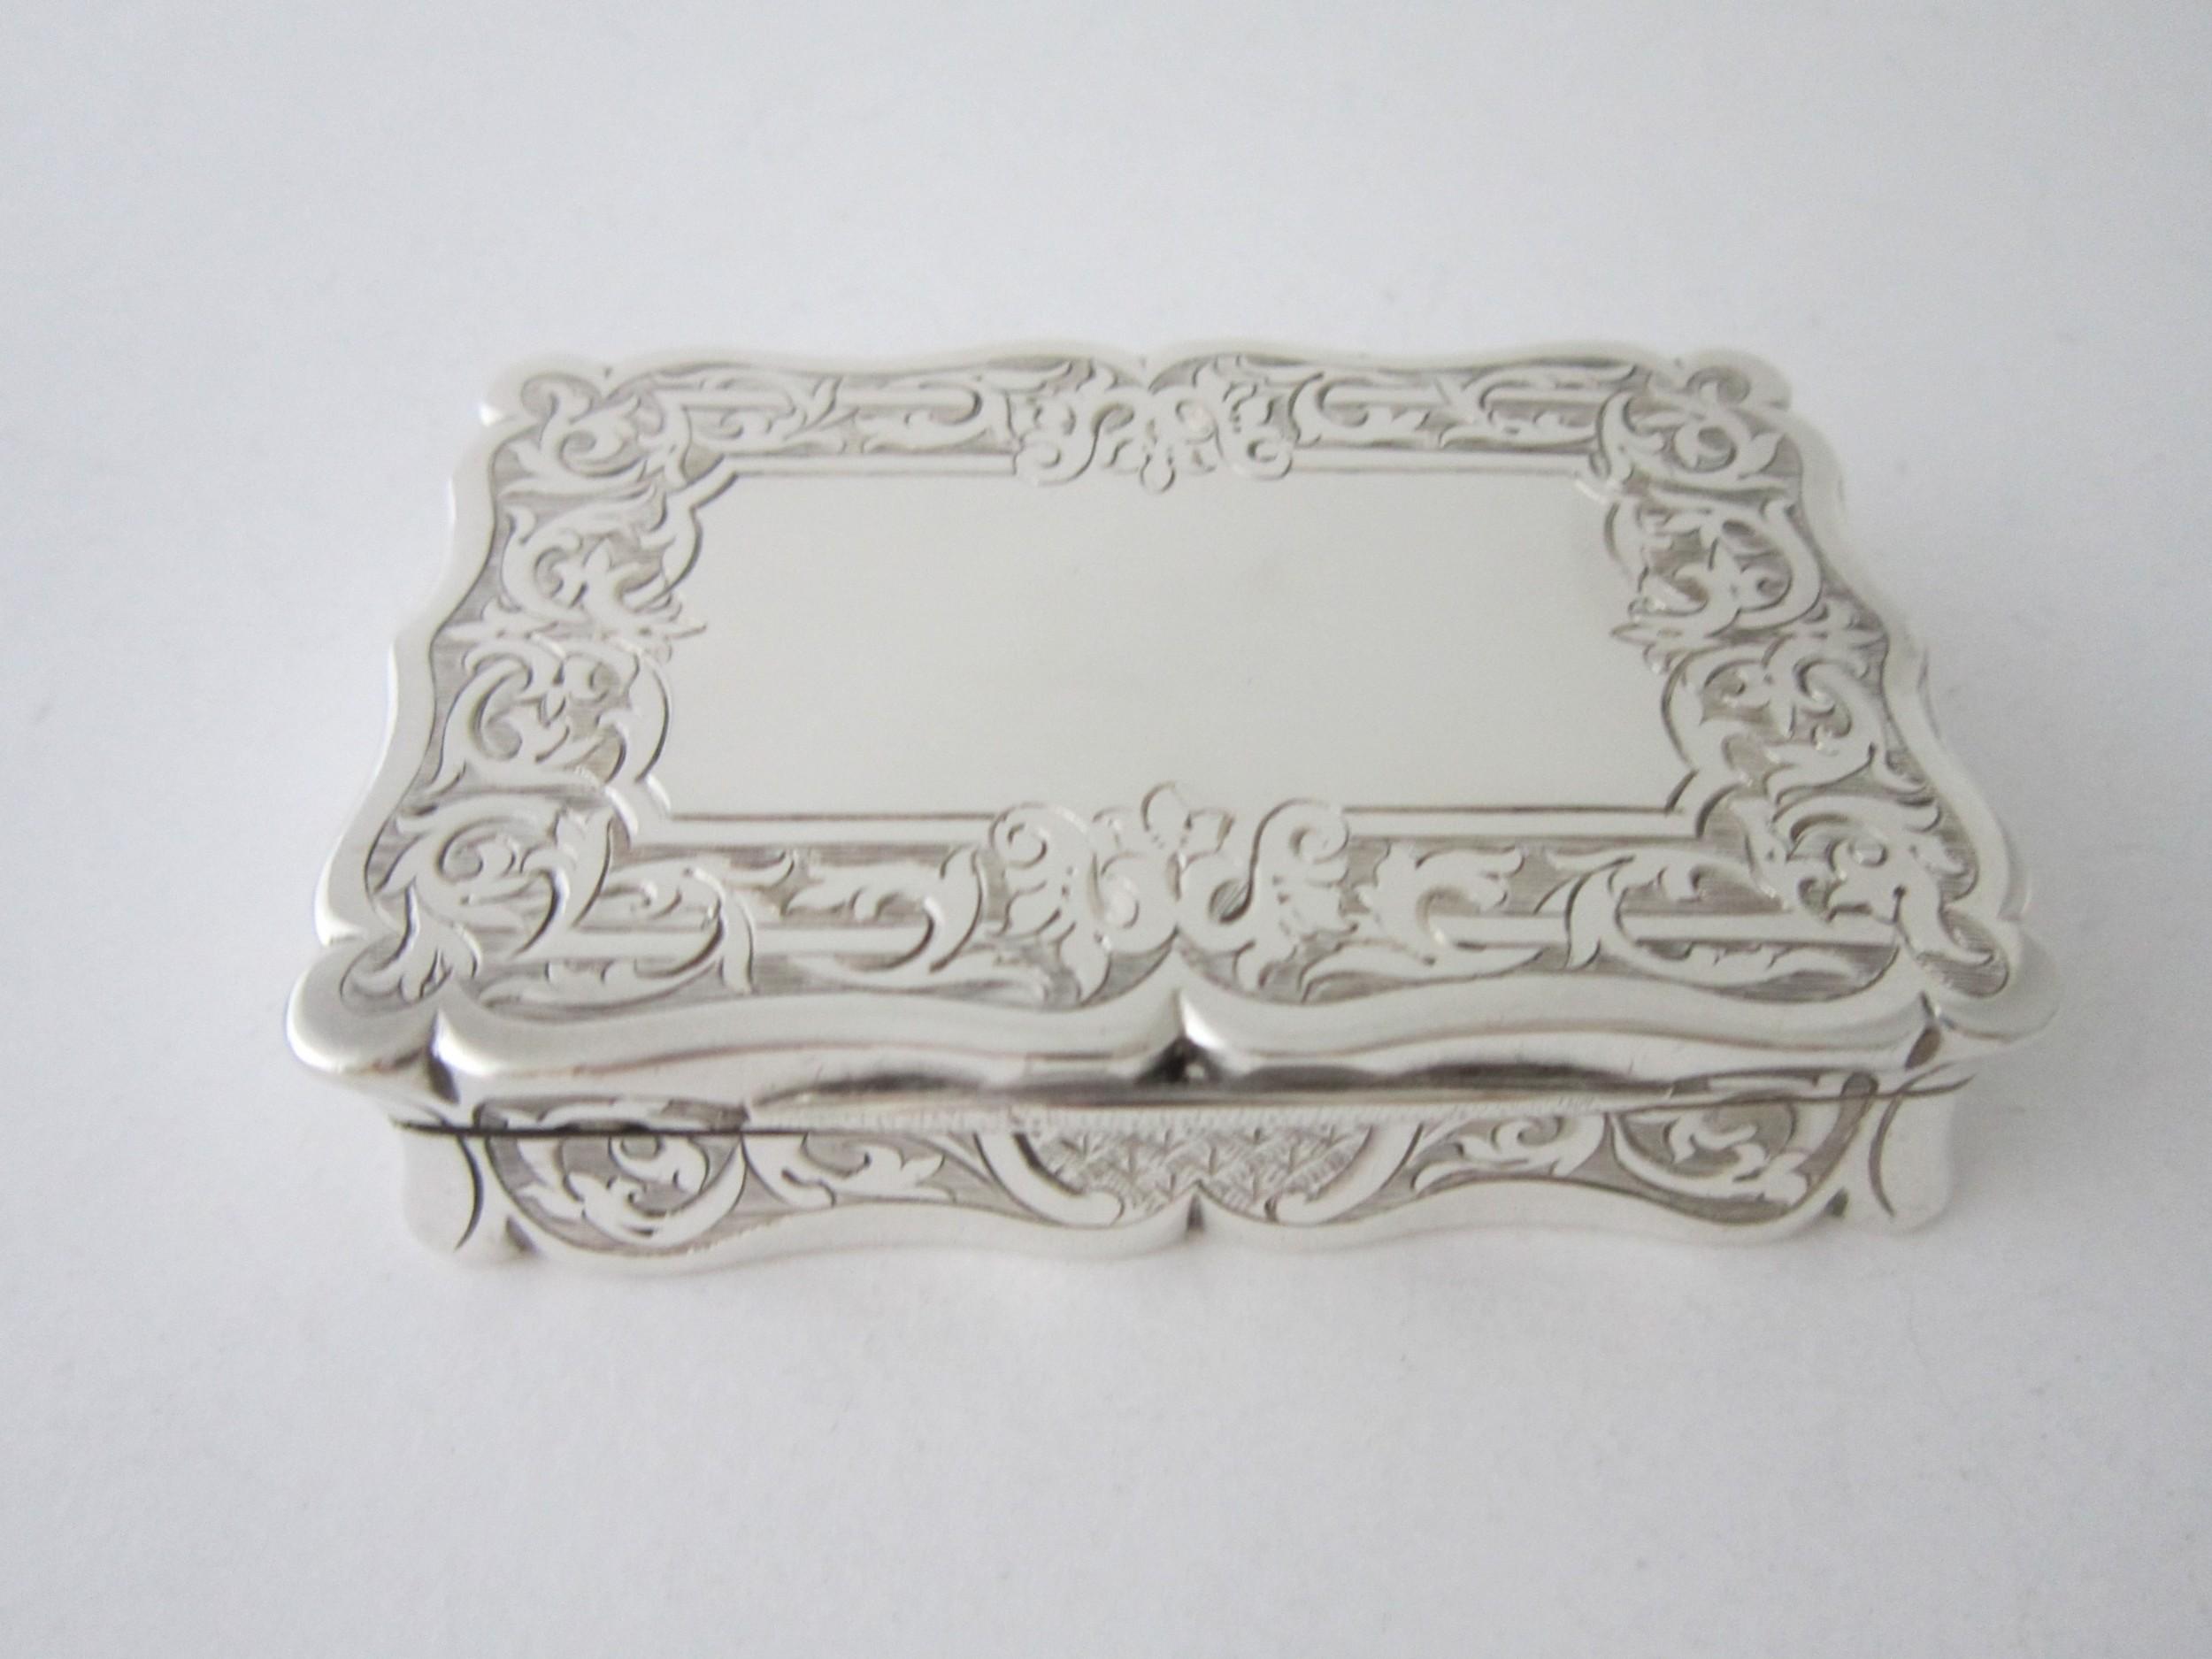 victorian sterling silver snuff box